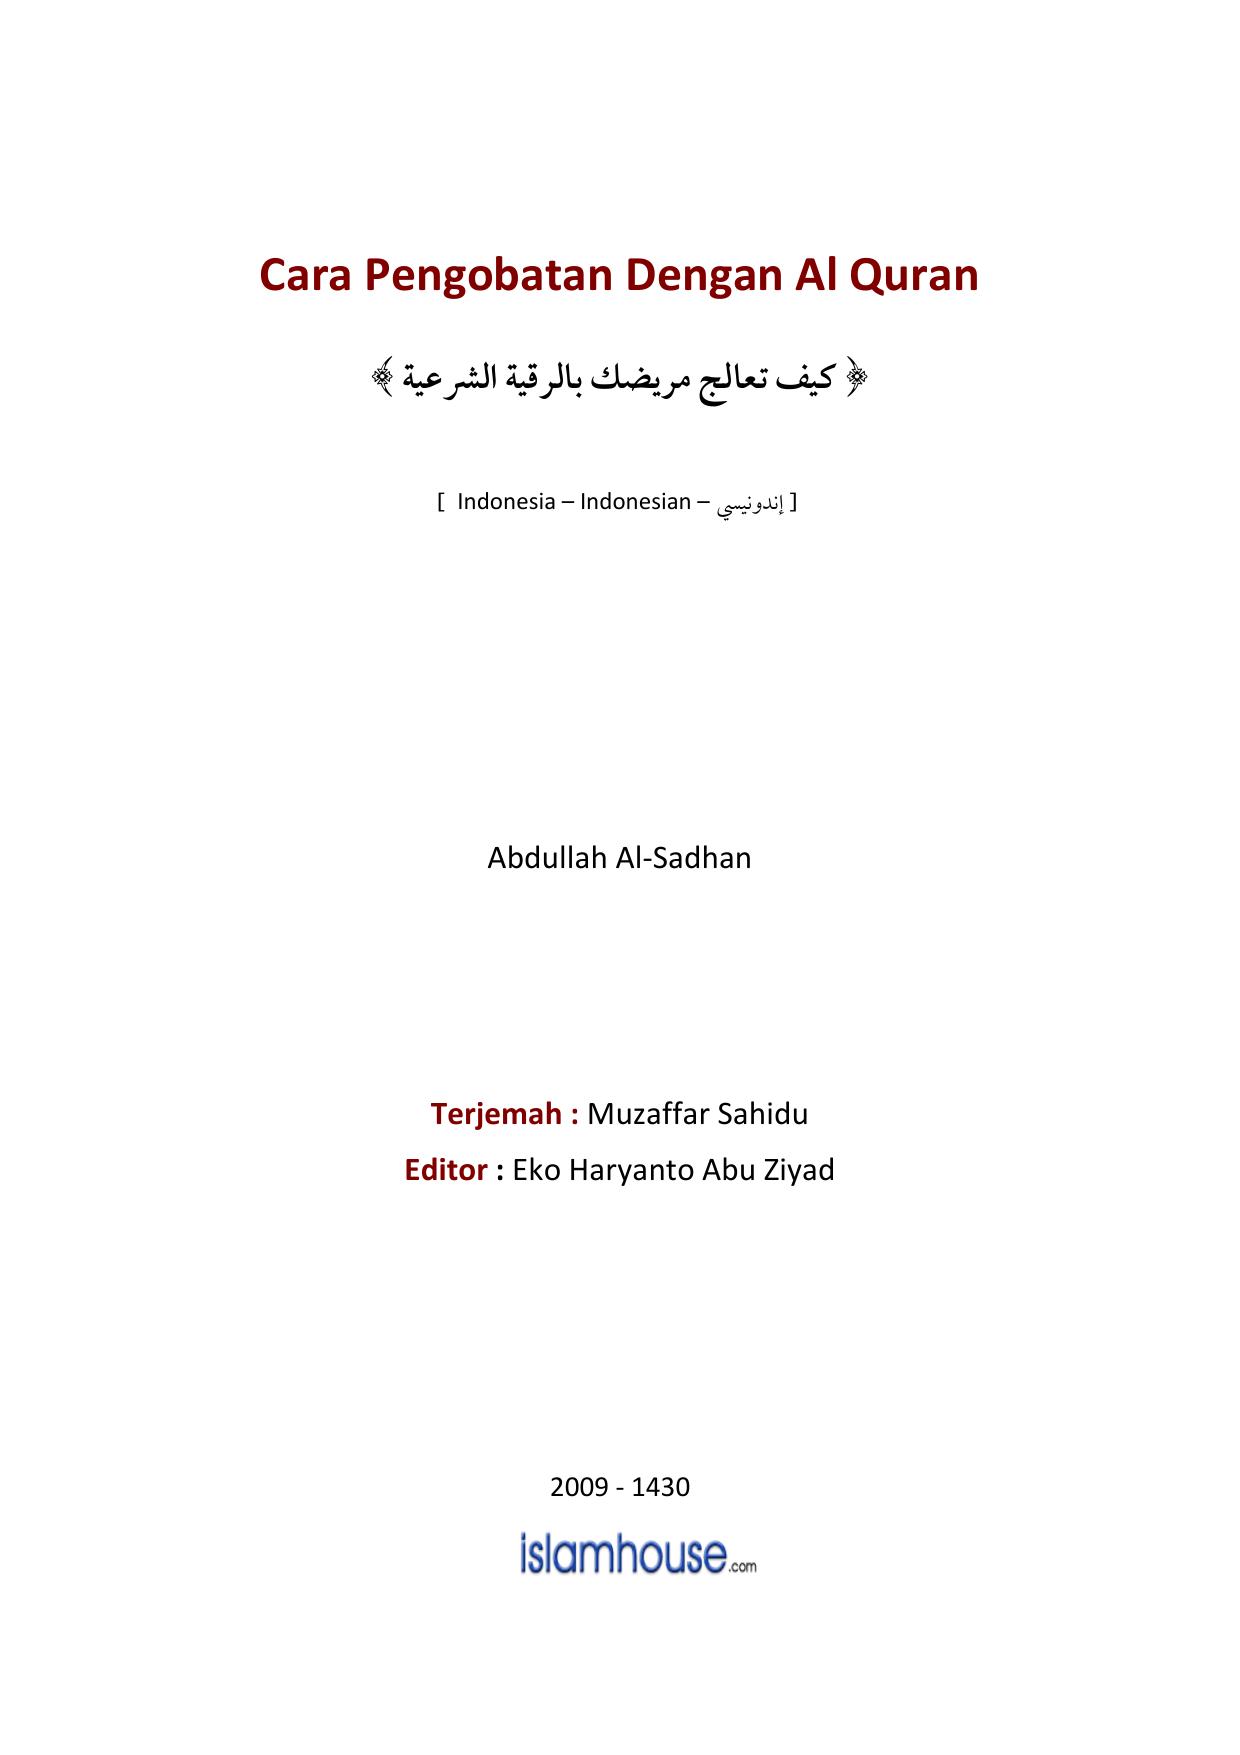 Cara Pengobatan Dengan Al Quran